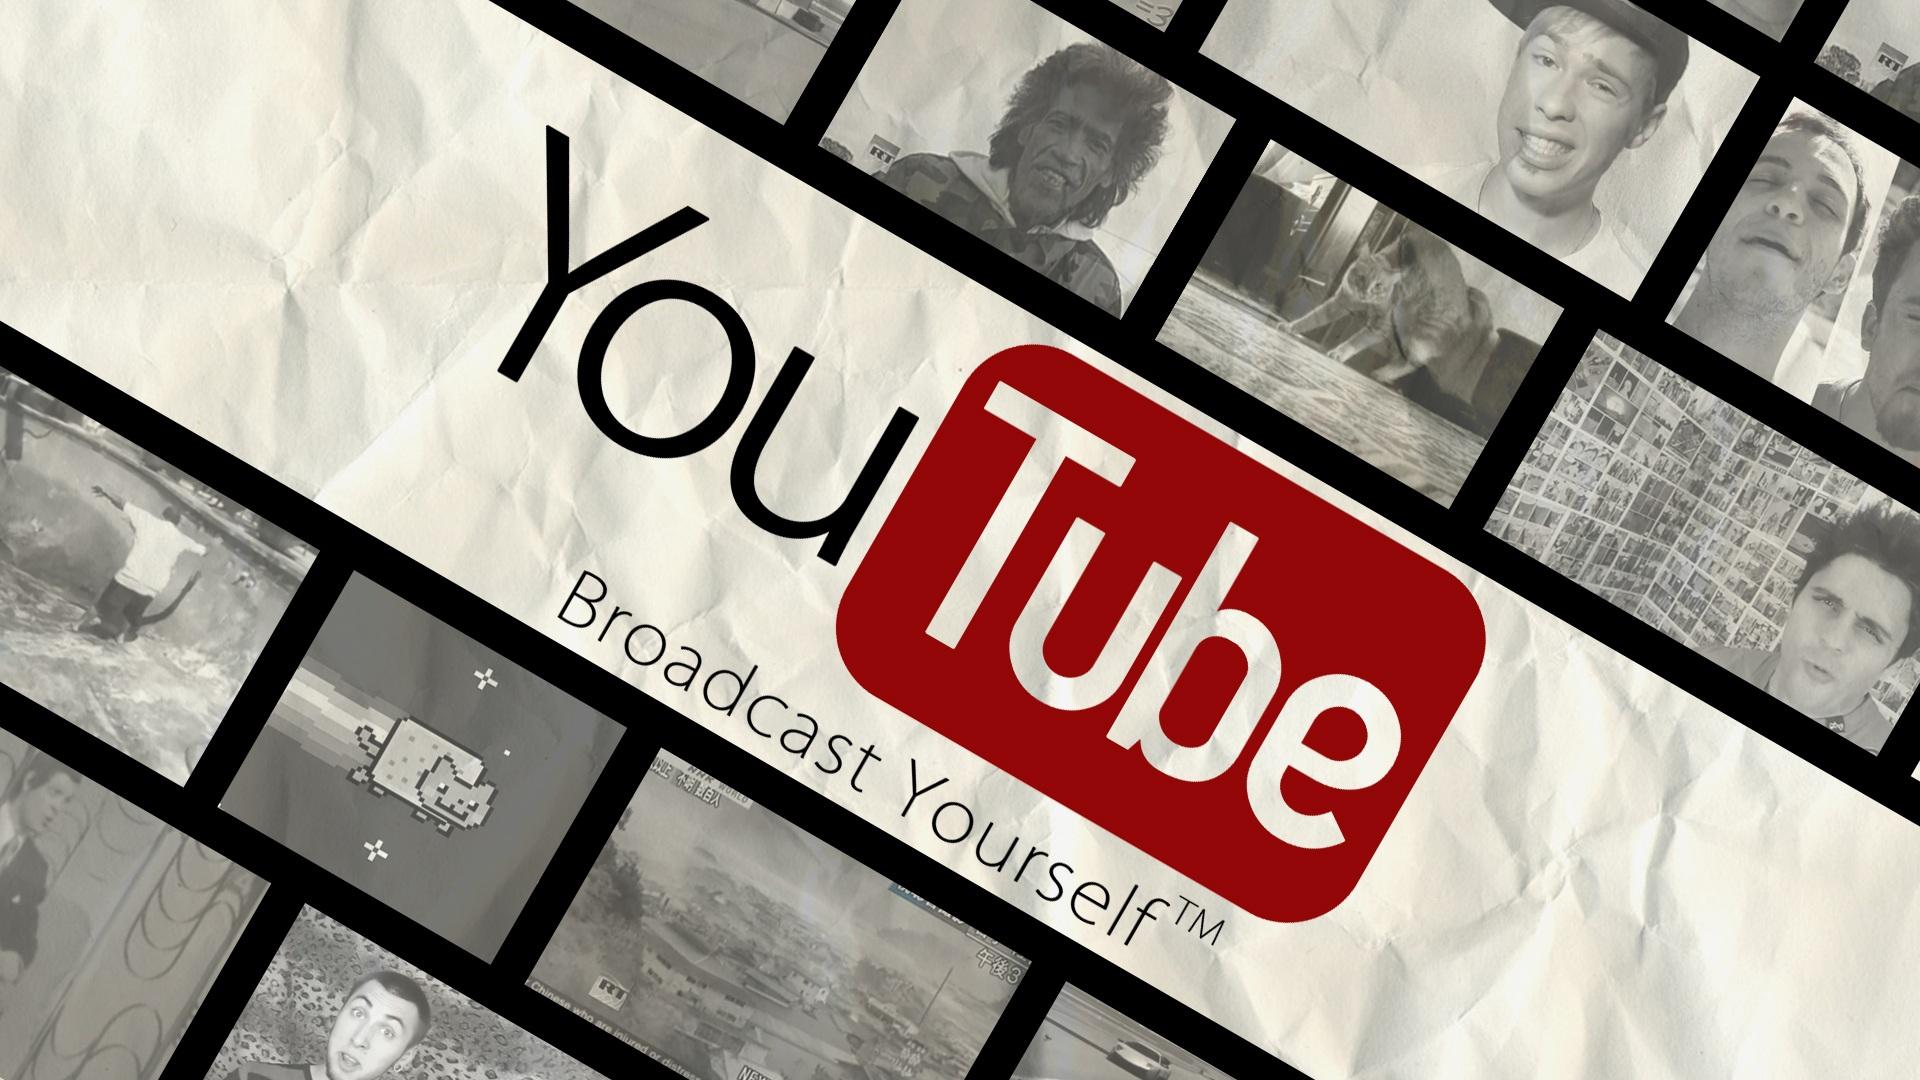 youtube/broadcastyourself